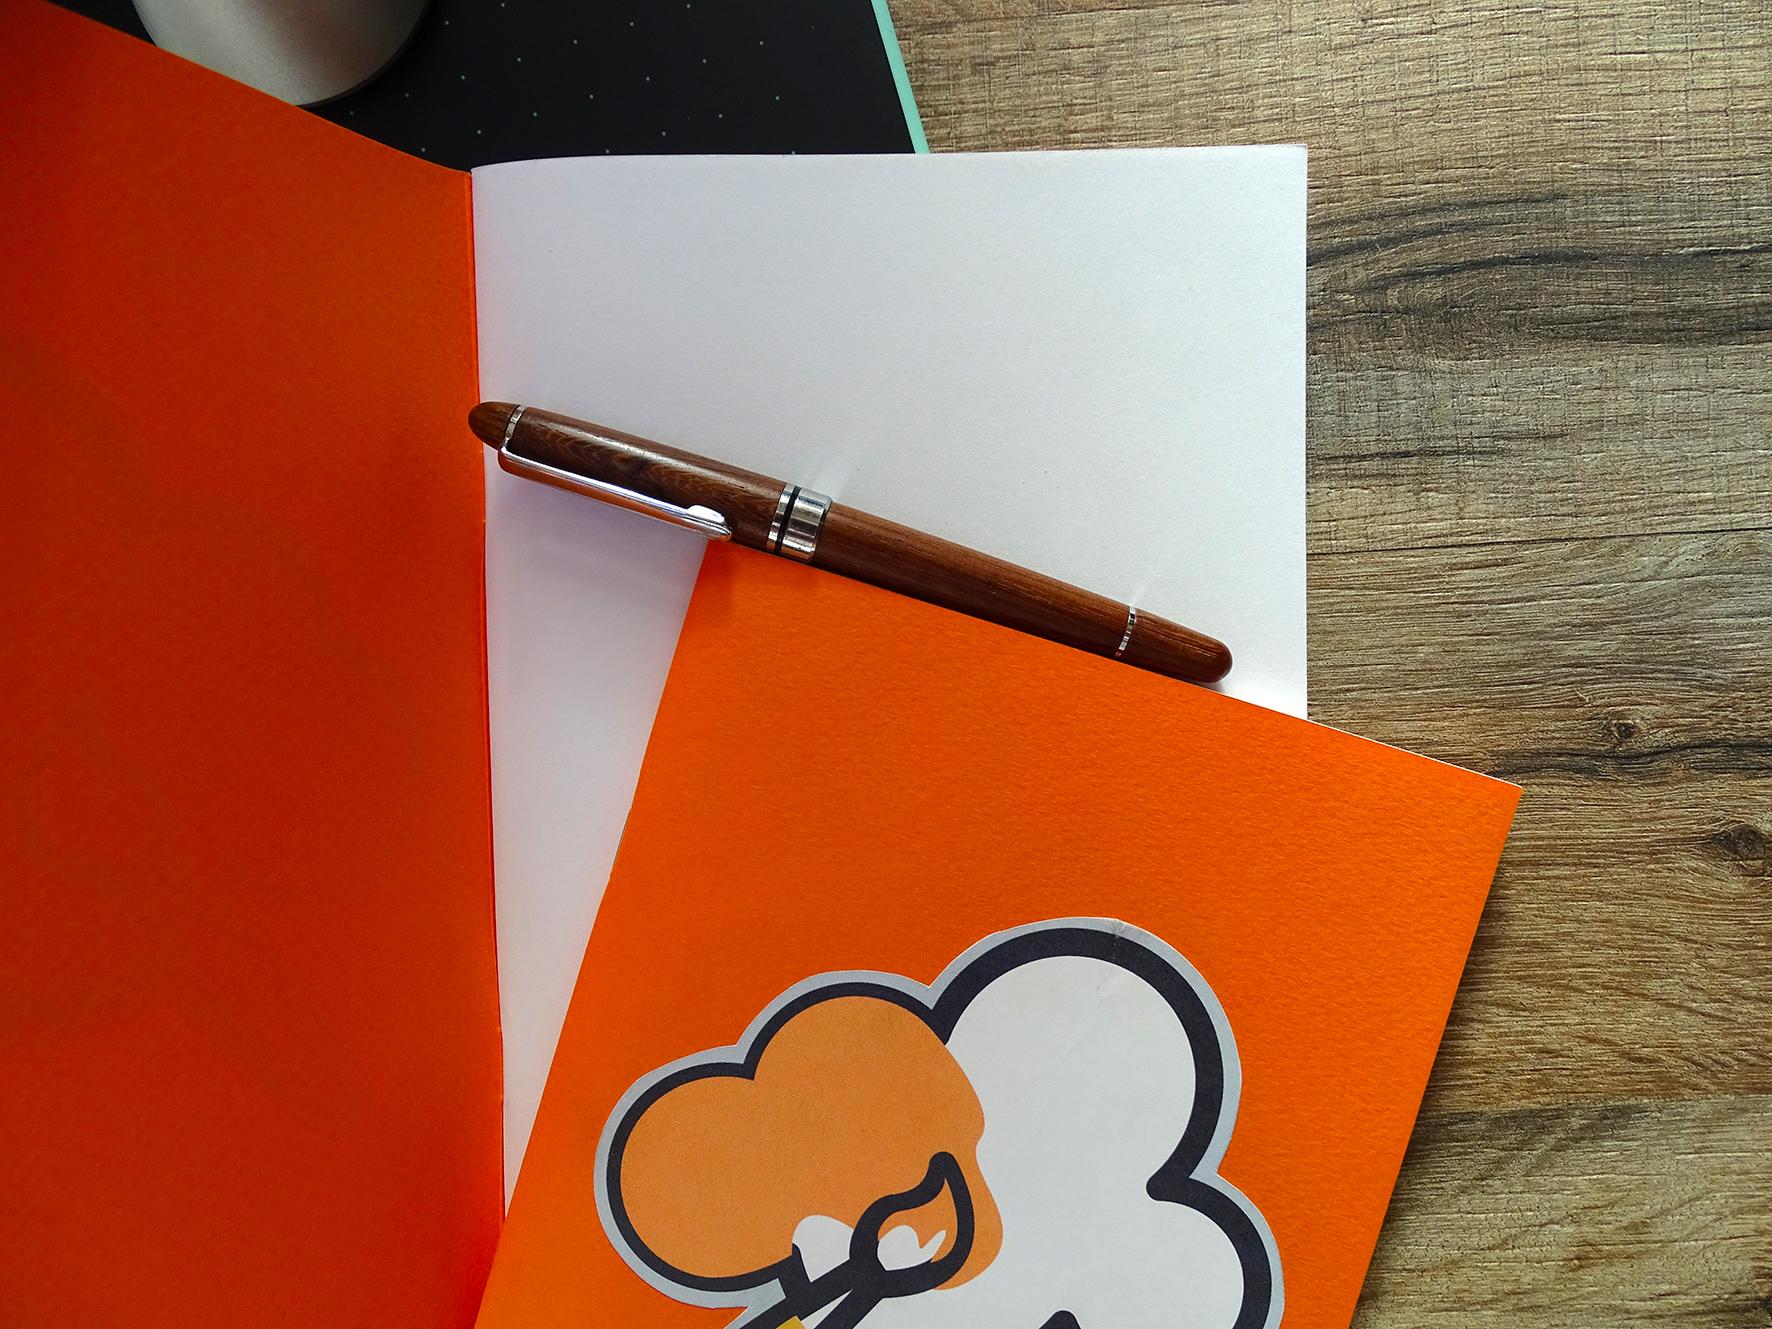 """""""Peindre vos rêves"""" Carnet A5 Orange 20 pages blanches / 8€ pièce hors fdp / 2 derniers exemplaires!"""